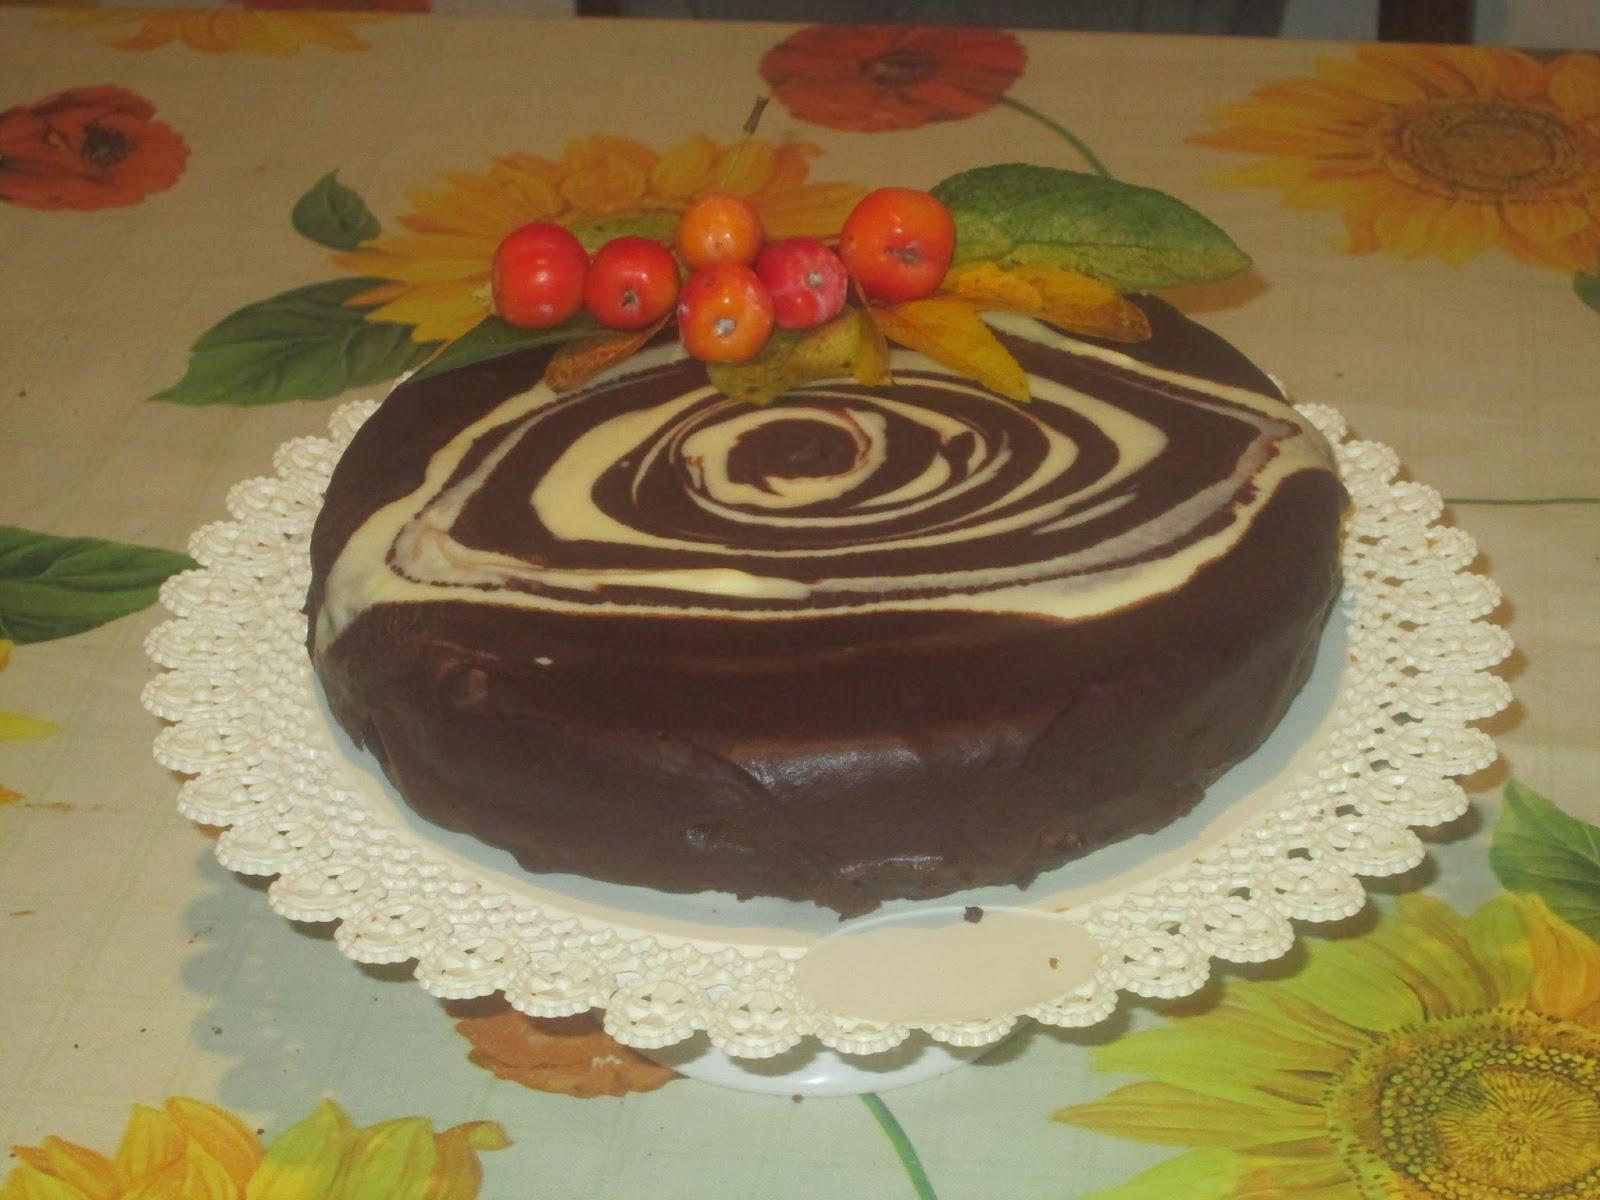 Raccontare un paese dalla mia cucina toscana torta di cioccolato - Appunti dalla mia cucina ...